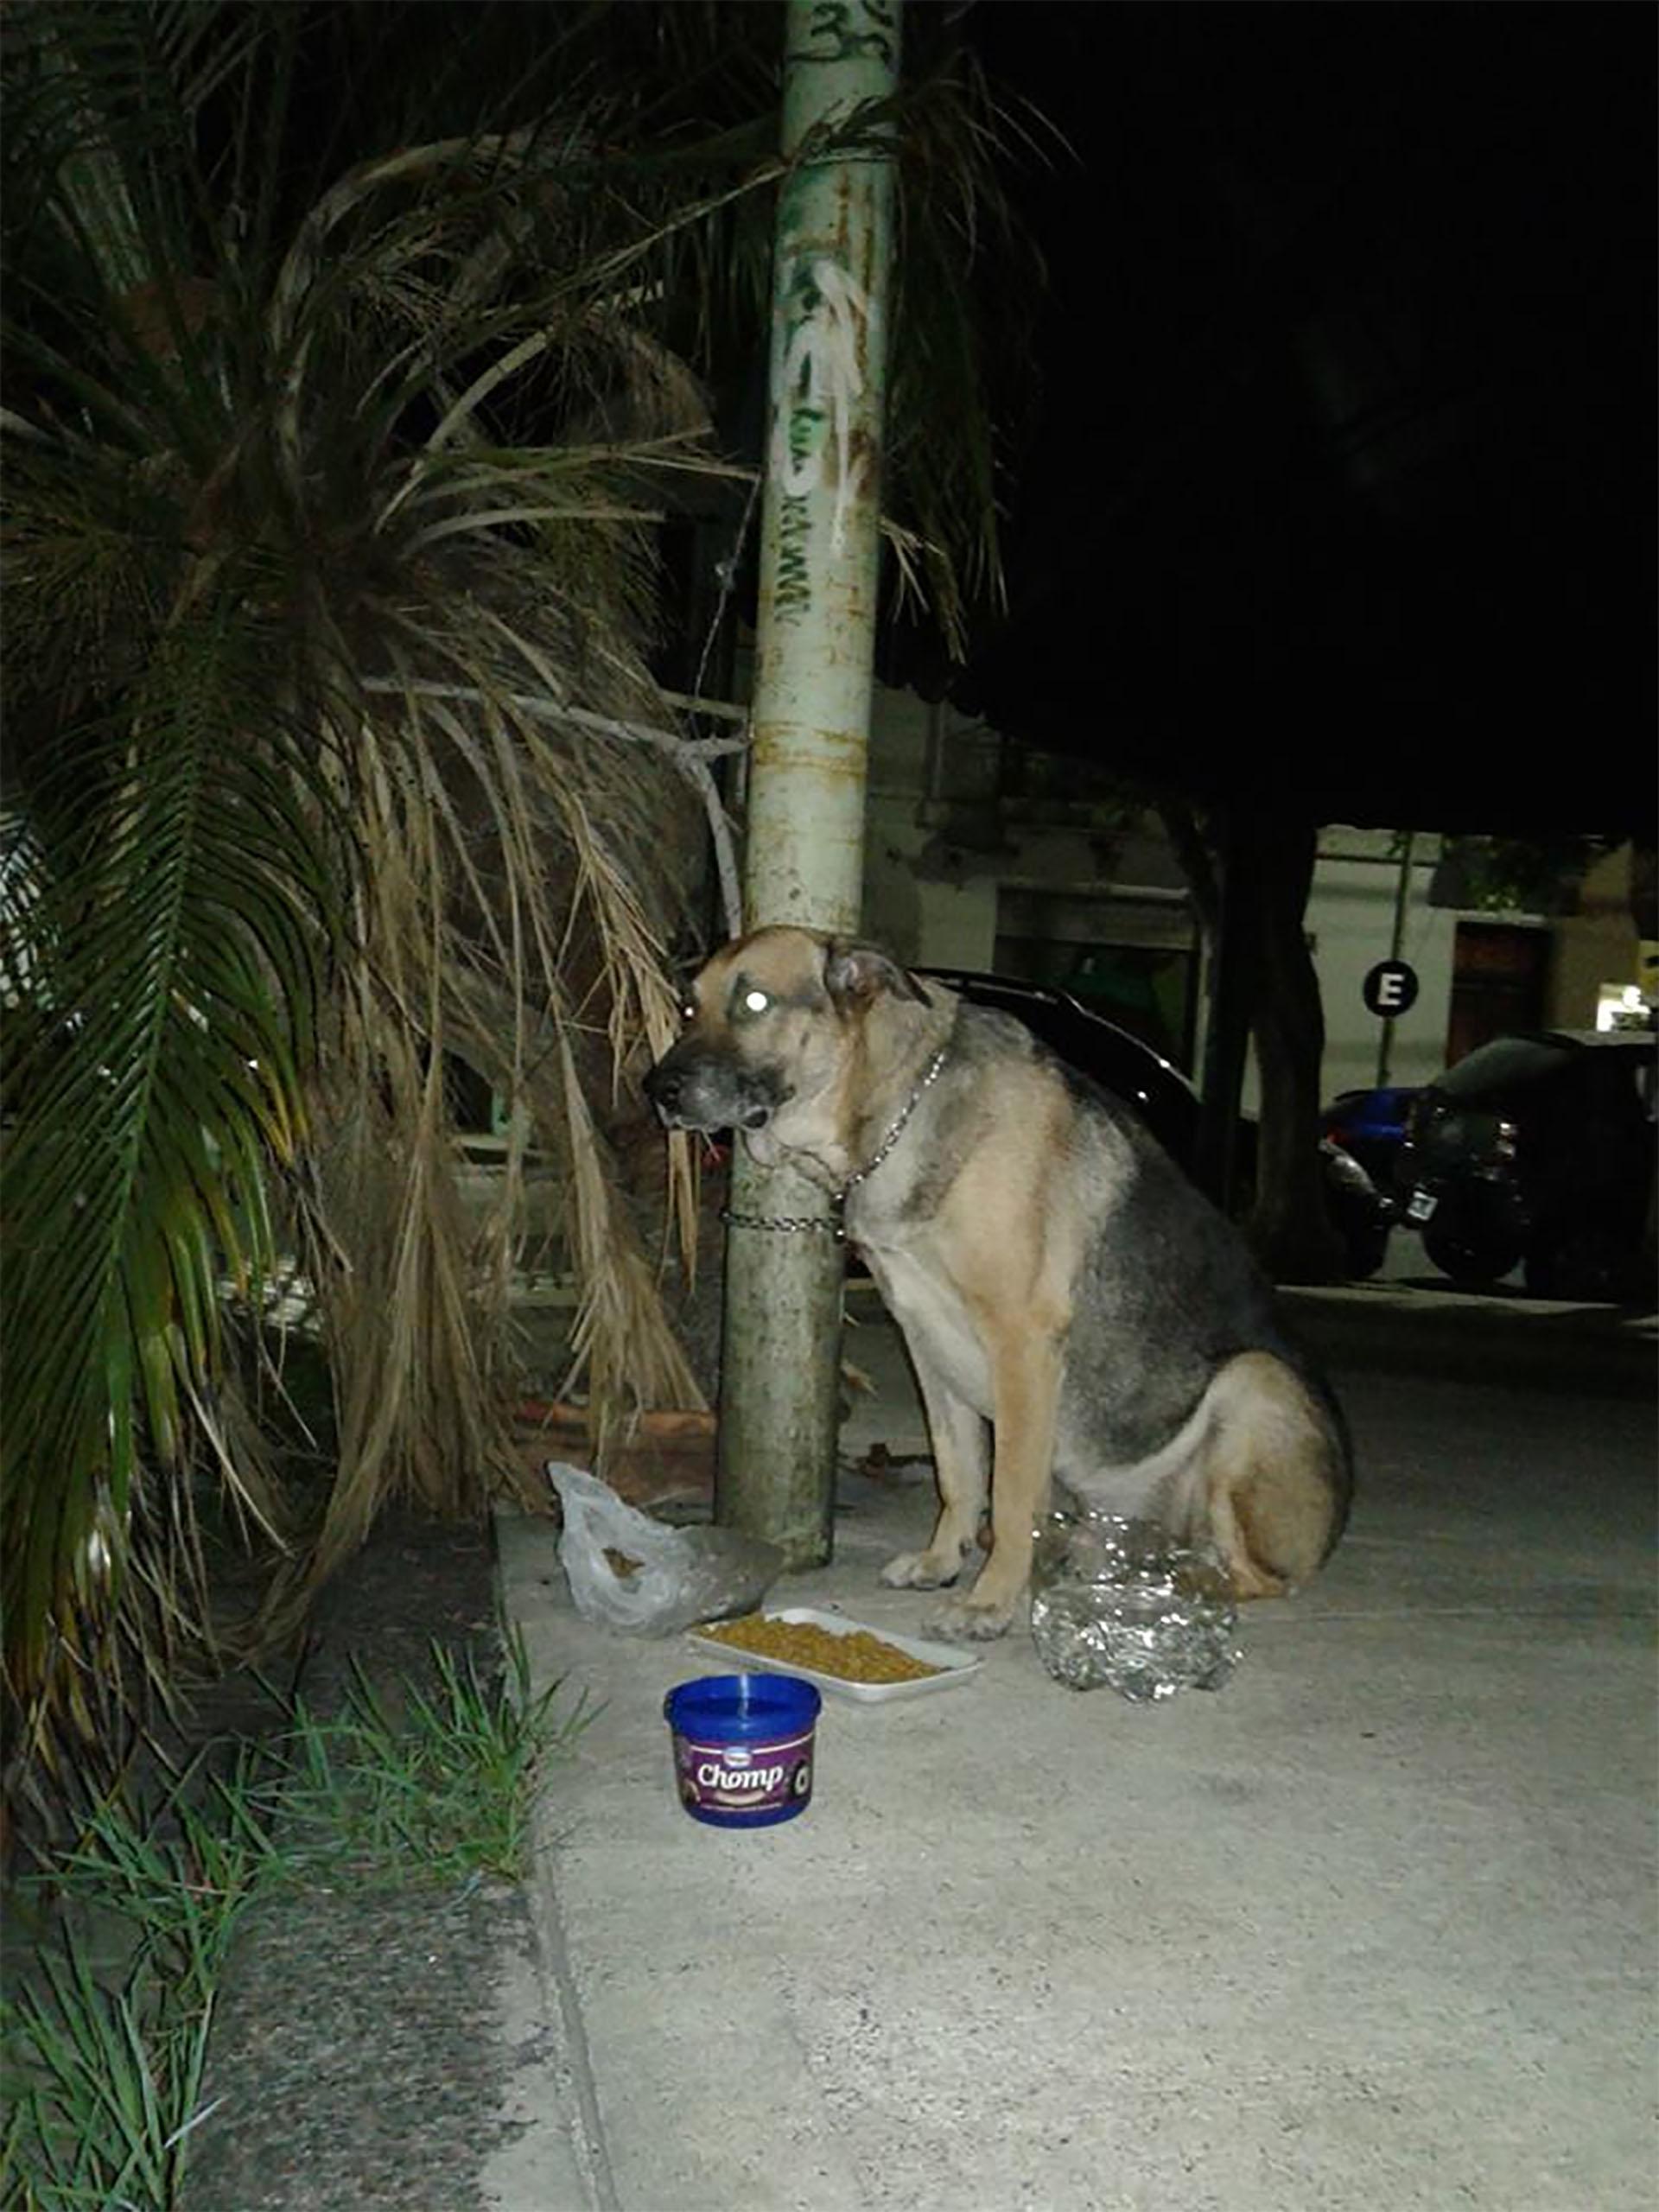 Ortega anoche. Fue abandonado atado a un poste con una cadena de ahorque.